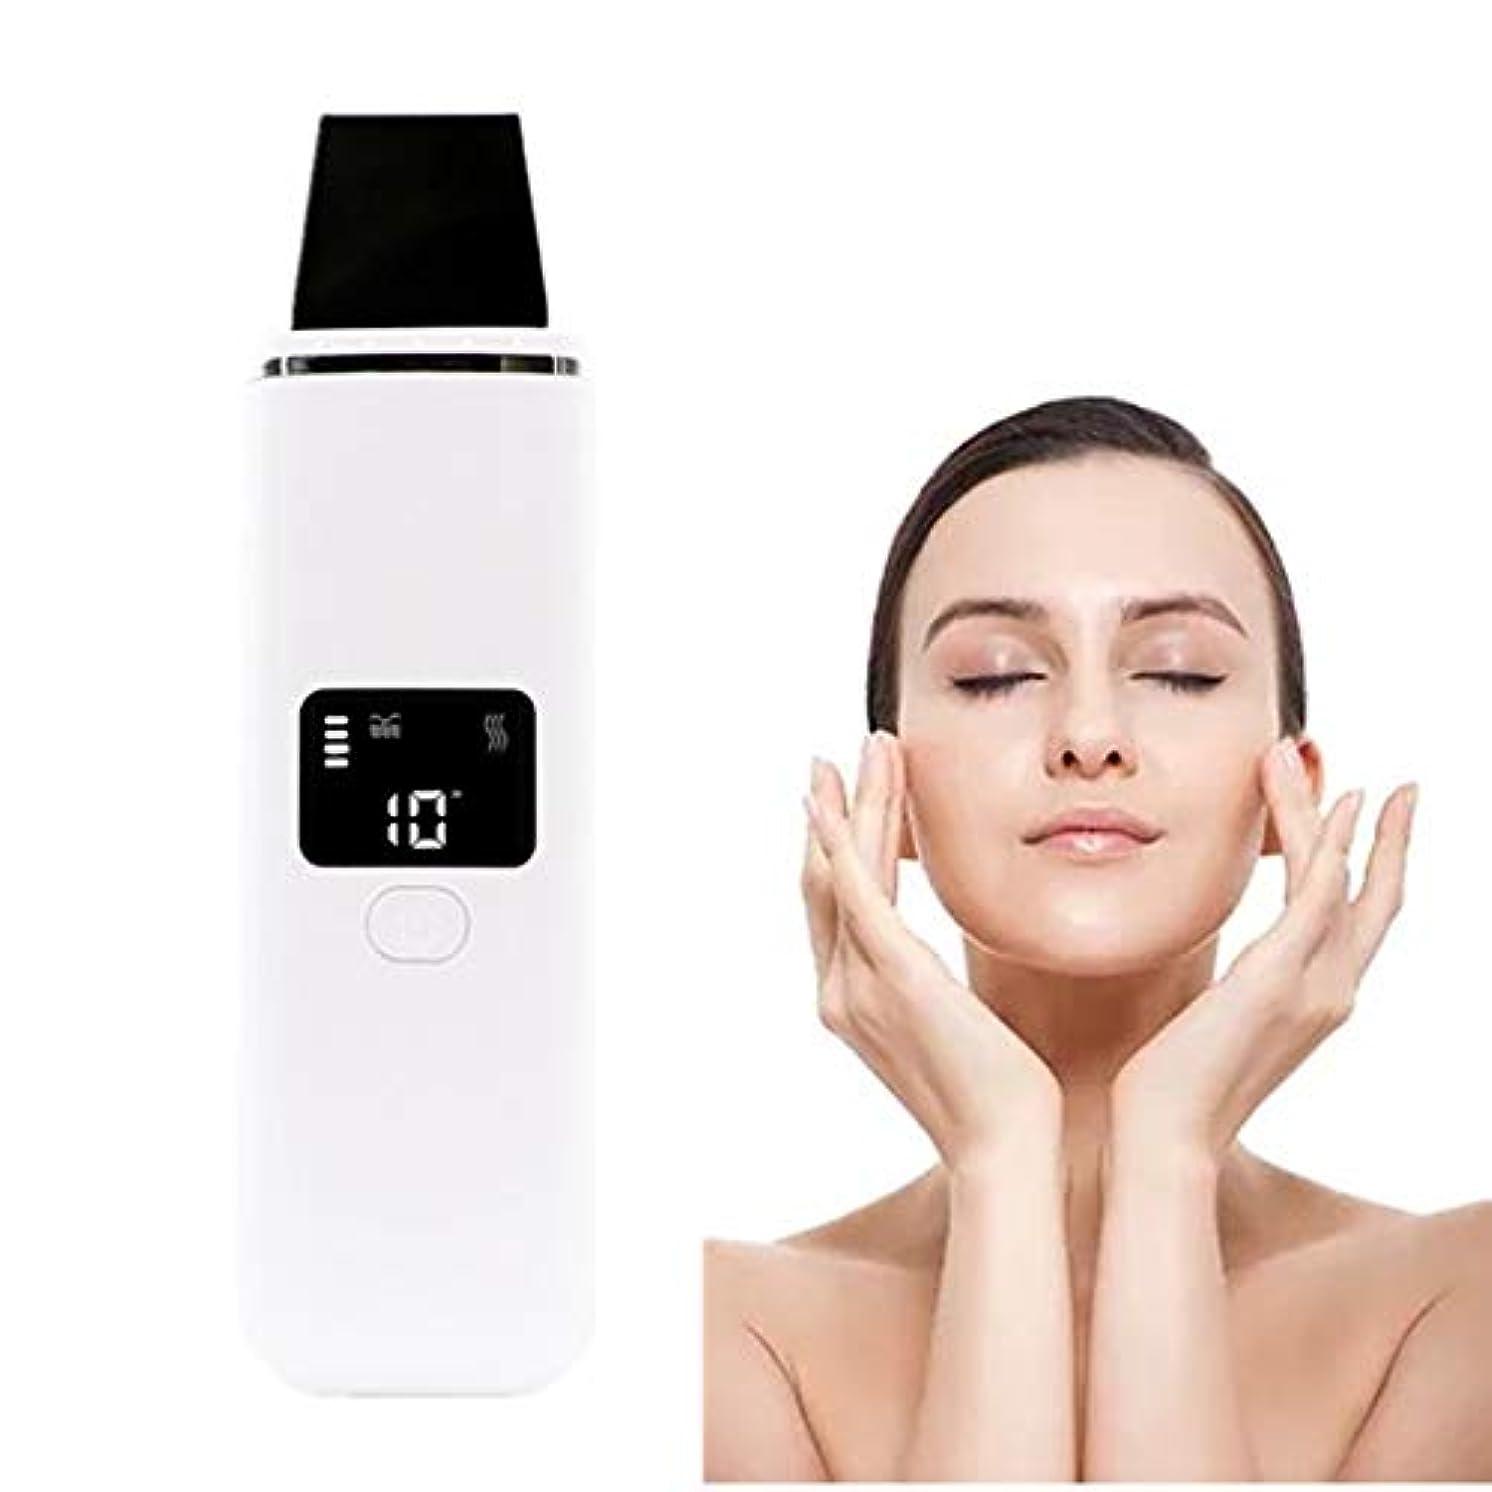 構成する代わりにを立てる胸ピーリングリフティングEMSクレンジングピーリングスキンヘラジェントルケアピーリングしわ除去機と顔の皮膚のスクラバーブラックヘッドリムーバー毛穴の掃除機のUSB充電式デバイス